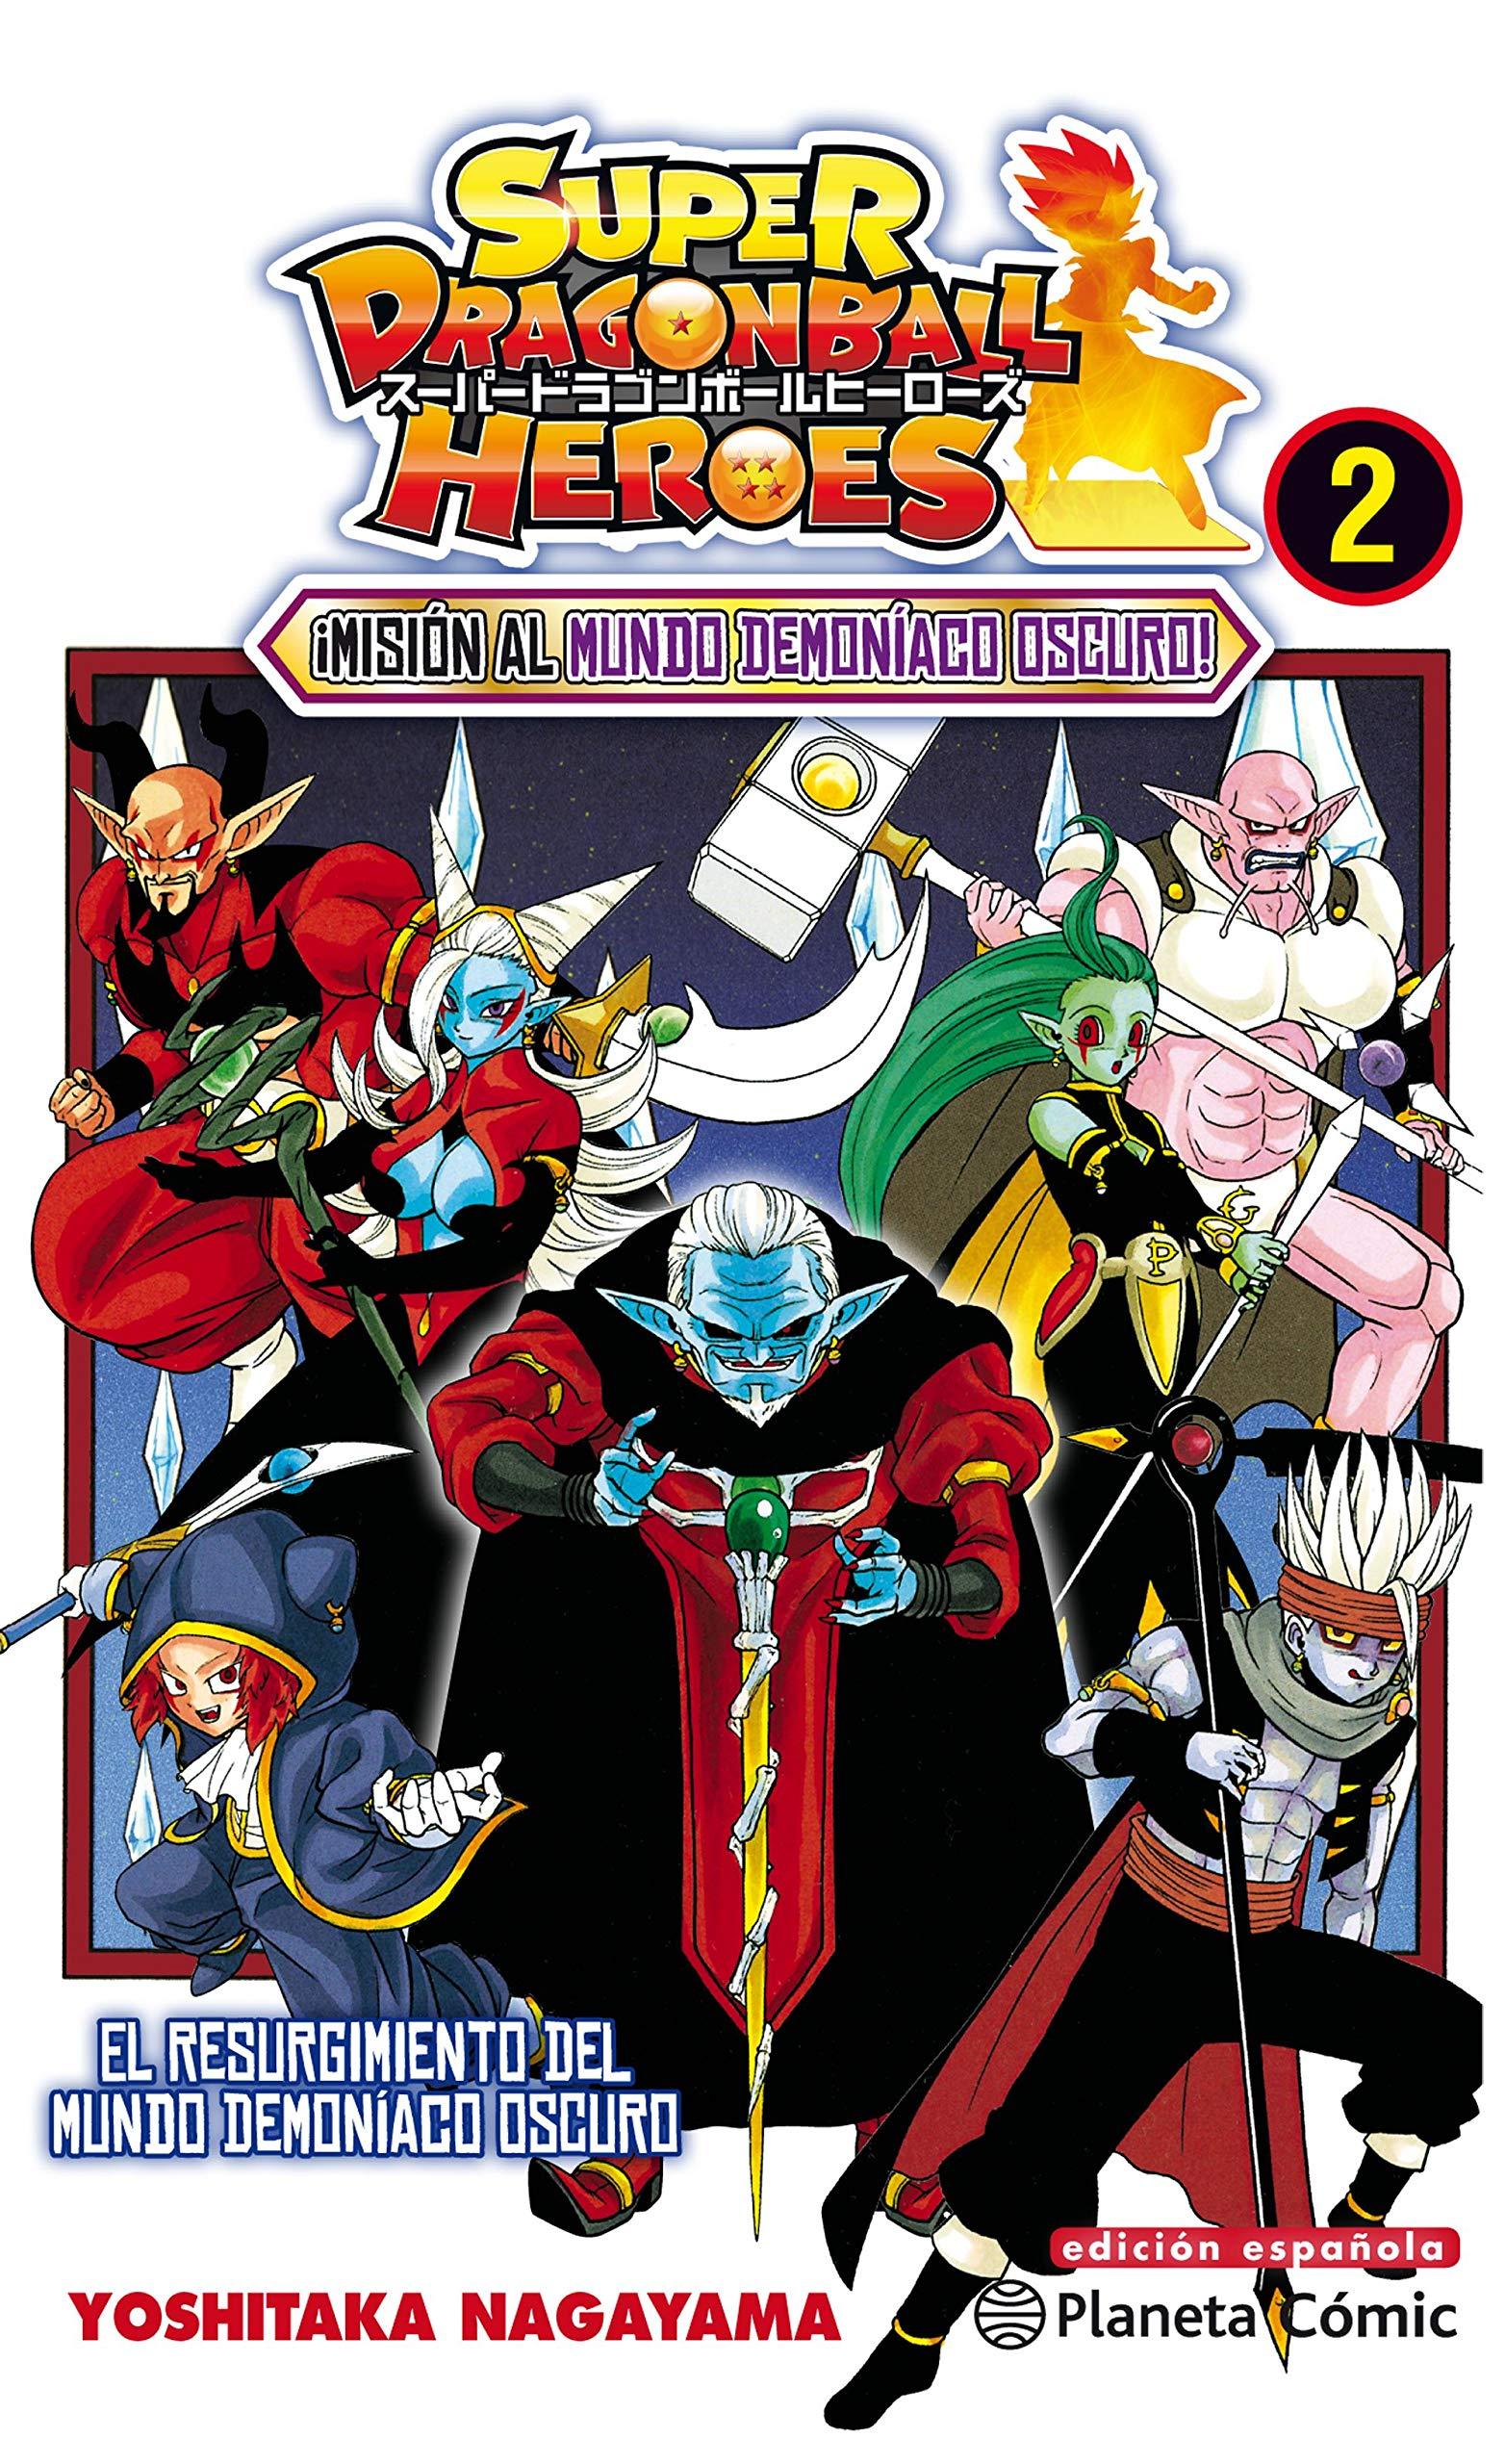 Dragon Ball Heroes nº 02/02 (Manga Shonen): Amazon.es: Nagayama, Yoshitaka, Daruma: Libros